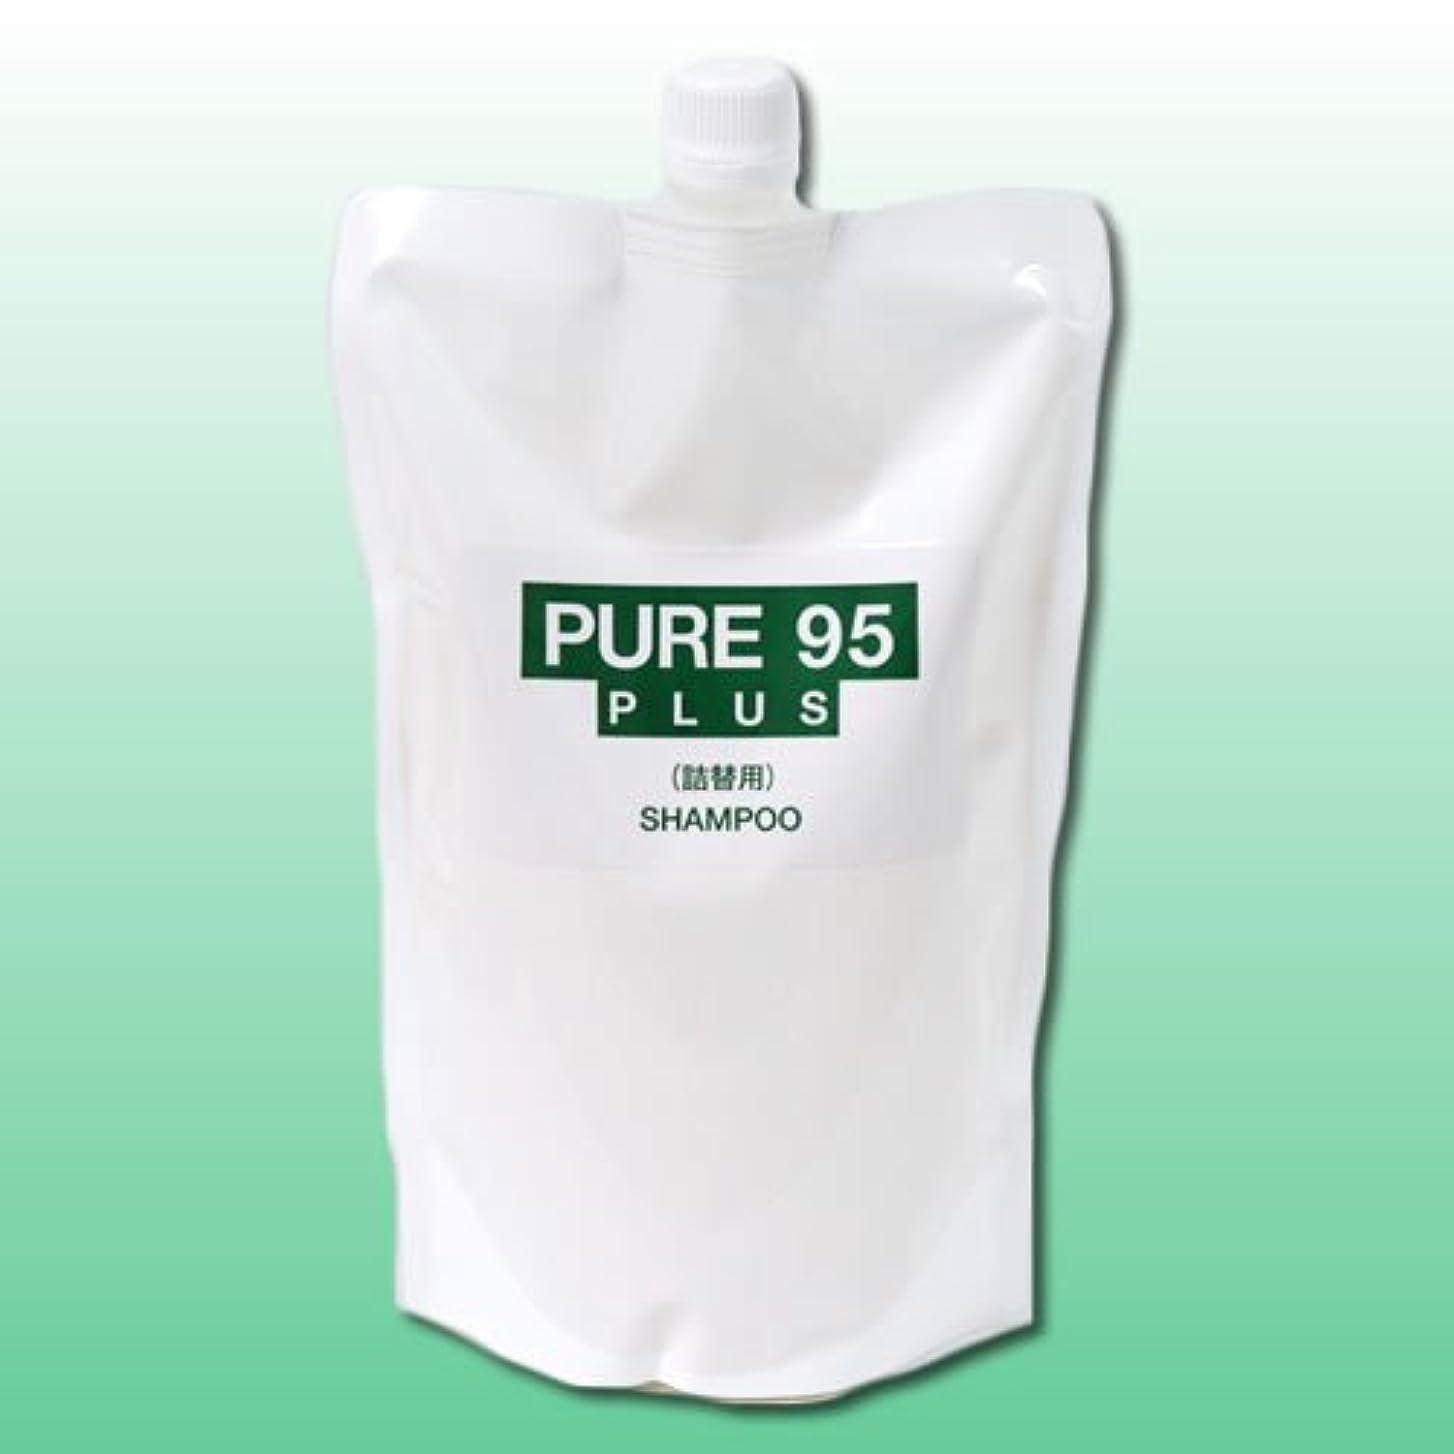 汚れたエクスタシー取得するパーミングジャパン PURE95(ピュア95) プラスシャンプー 700ml (草原の香り) 詰替用